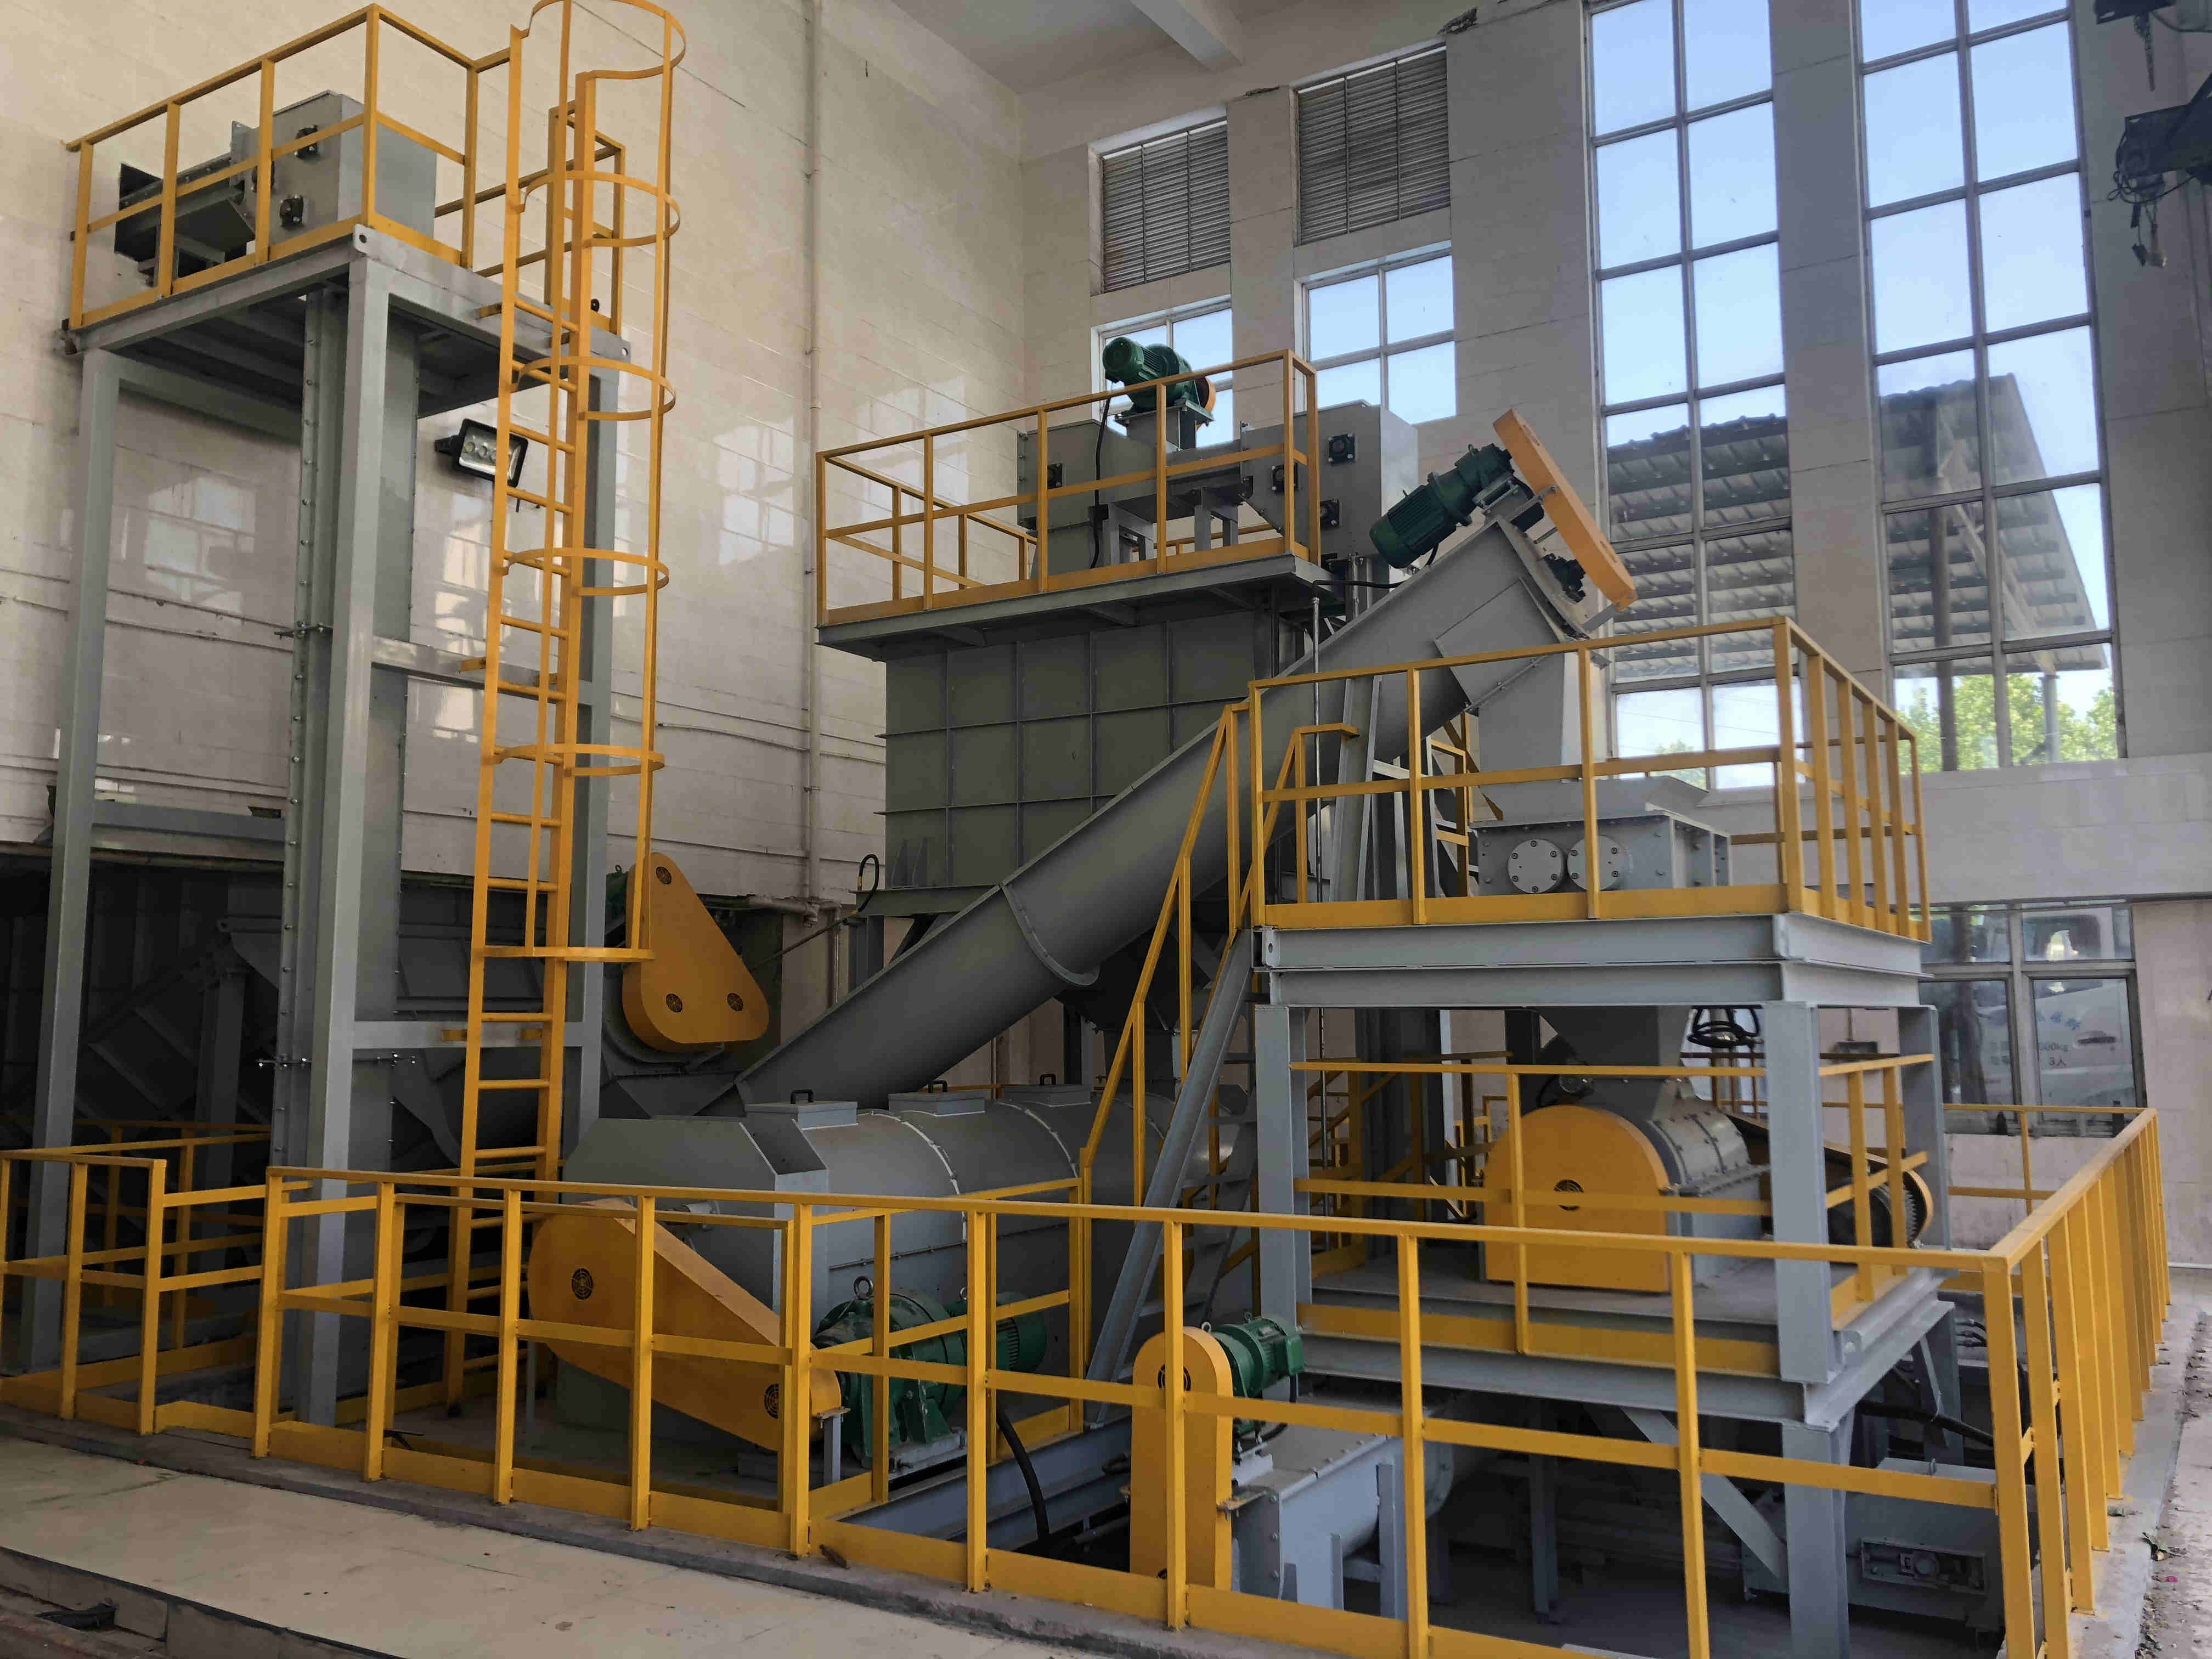 河南bob客户端ios环保科技有限公司-管城区100吨厨余垃圾处理项目正式投入运行!